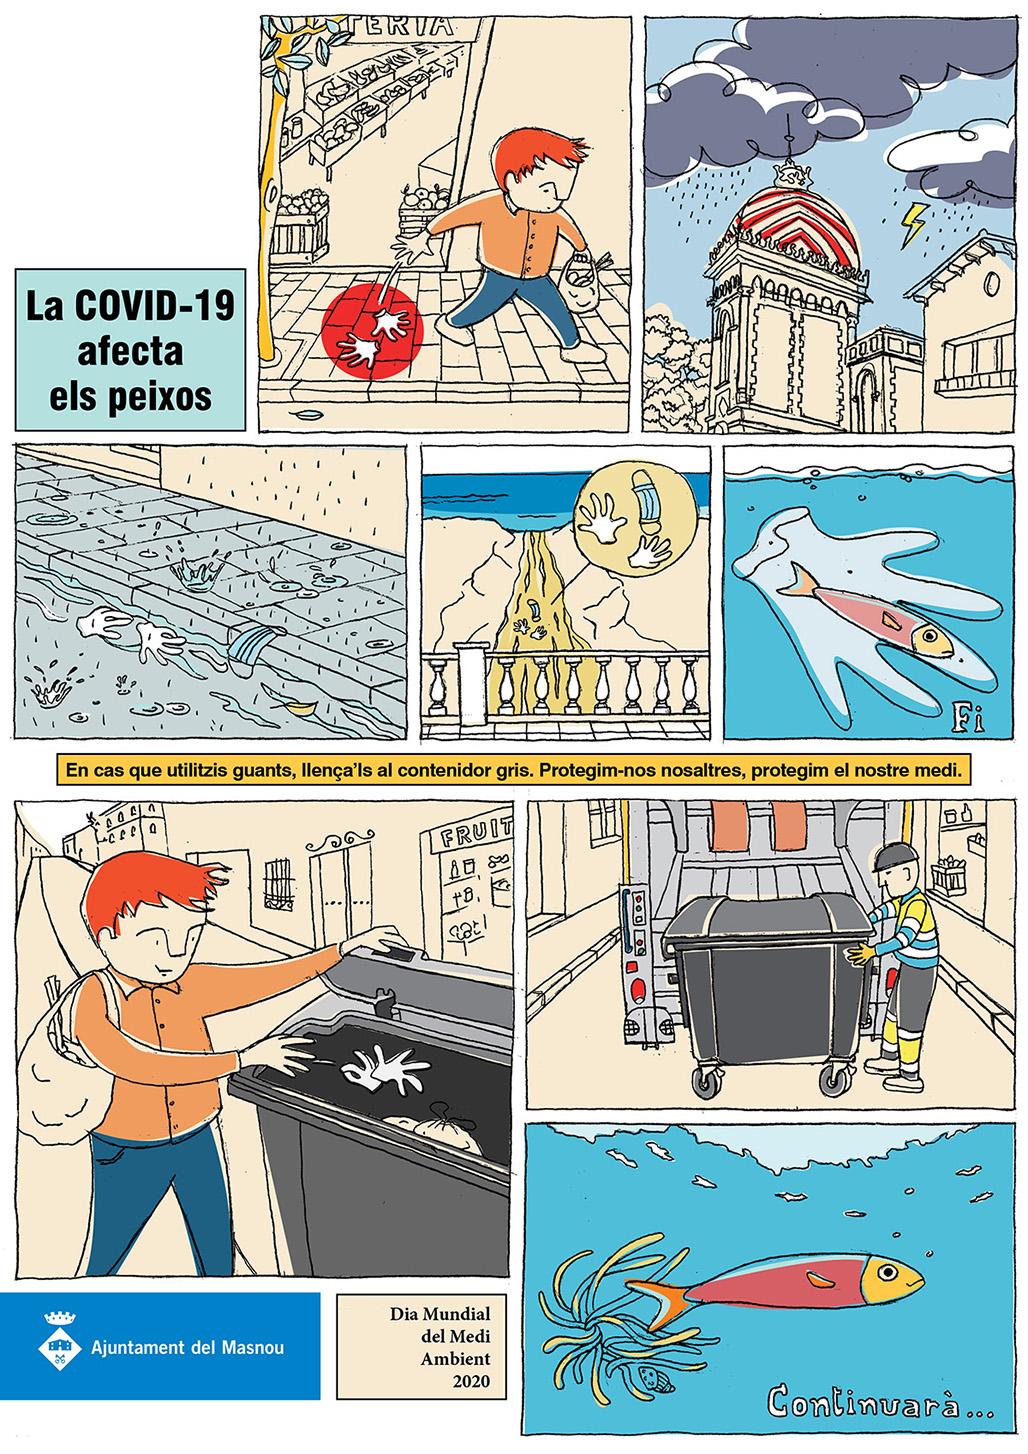 Historieta La COVID-19 afecta els peixos